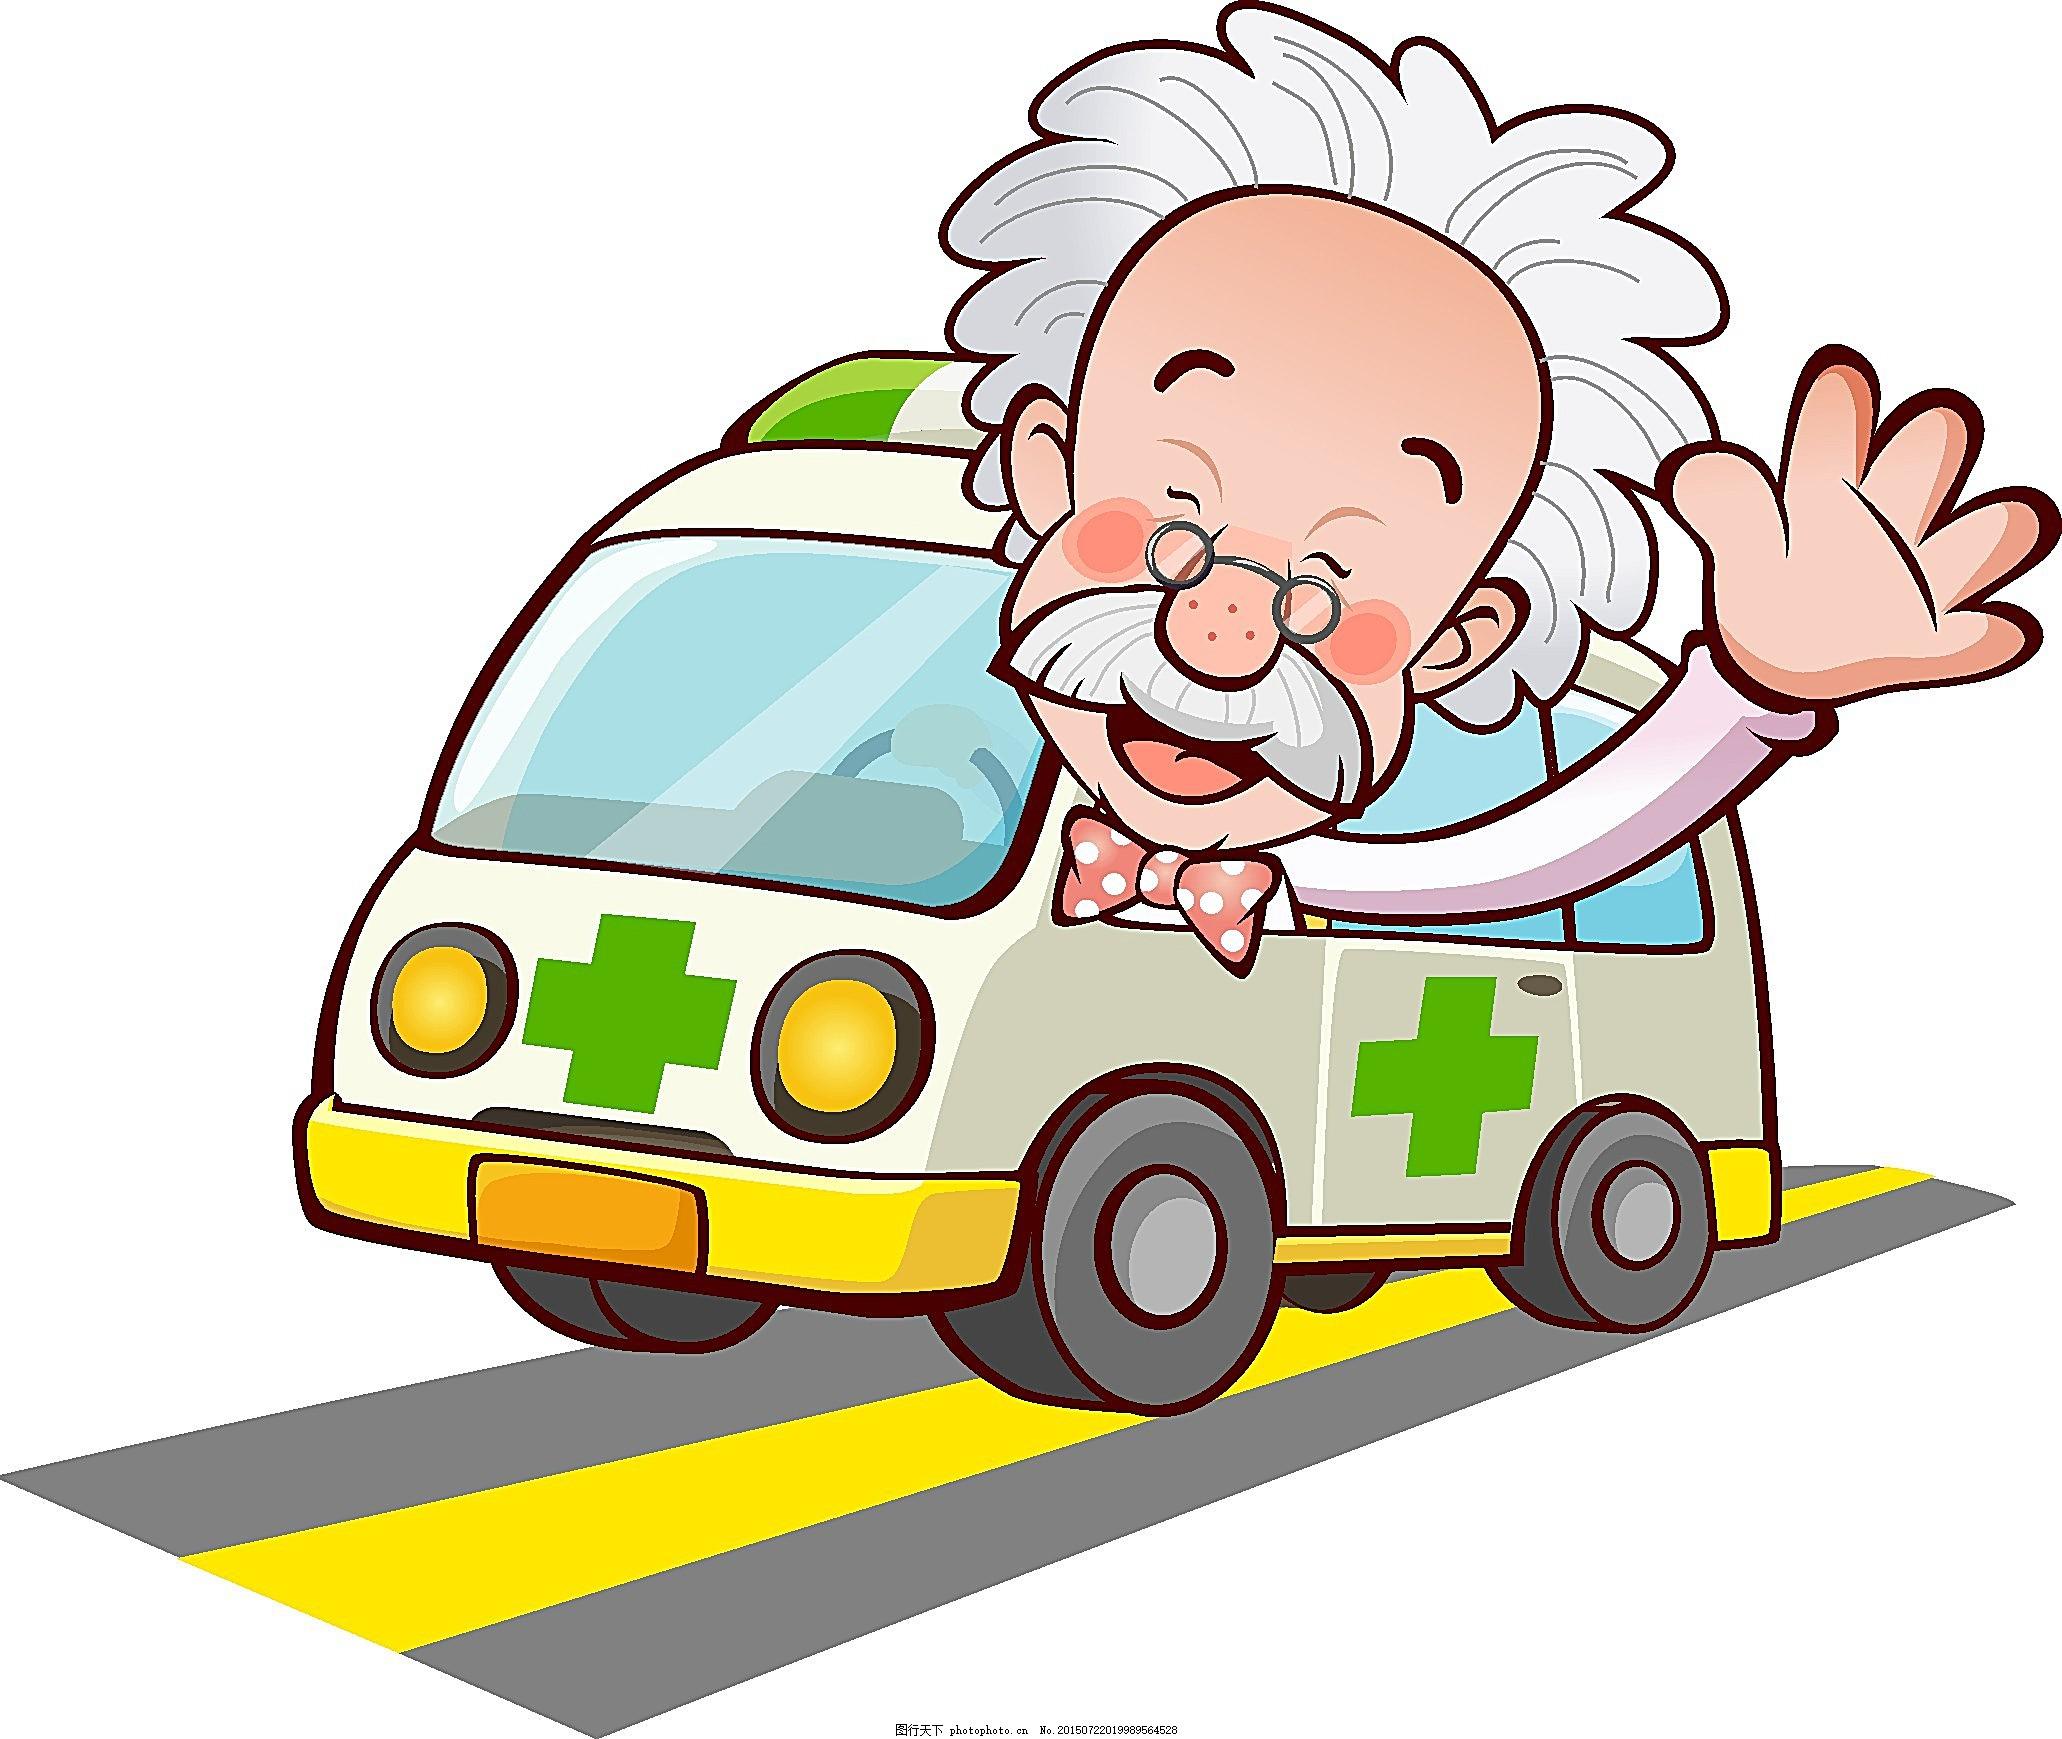 救护车打招呼的医生 马路 道路 公路 医院 护士 老人 手绘 卡通图片